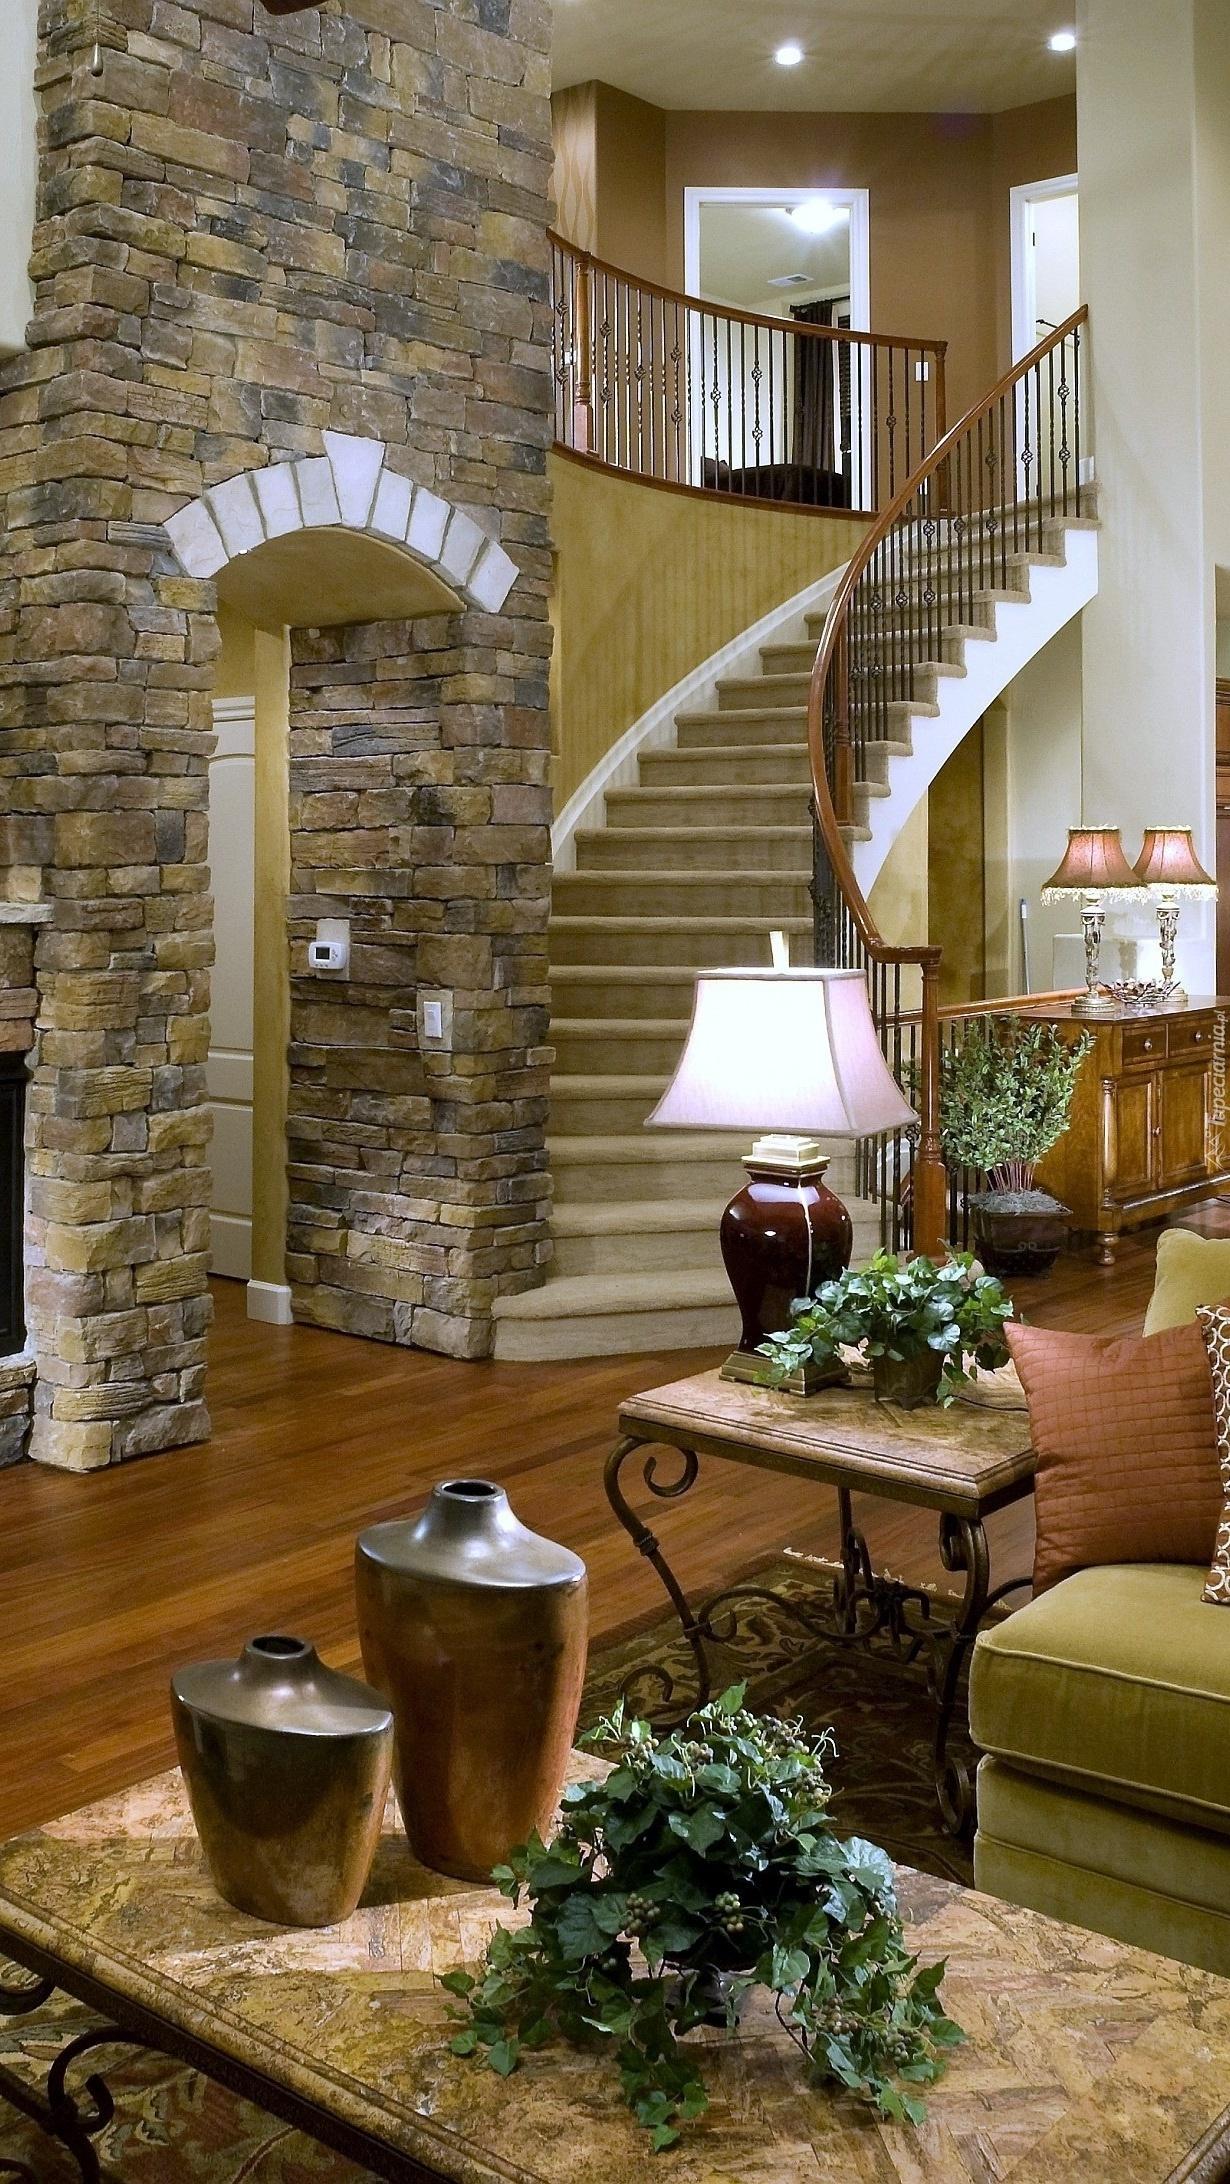 Pokój dzienny ze schodami